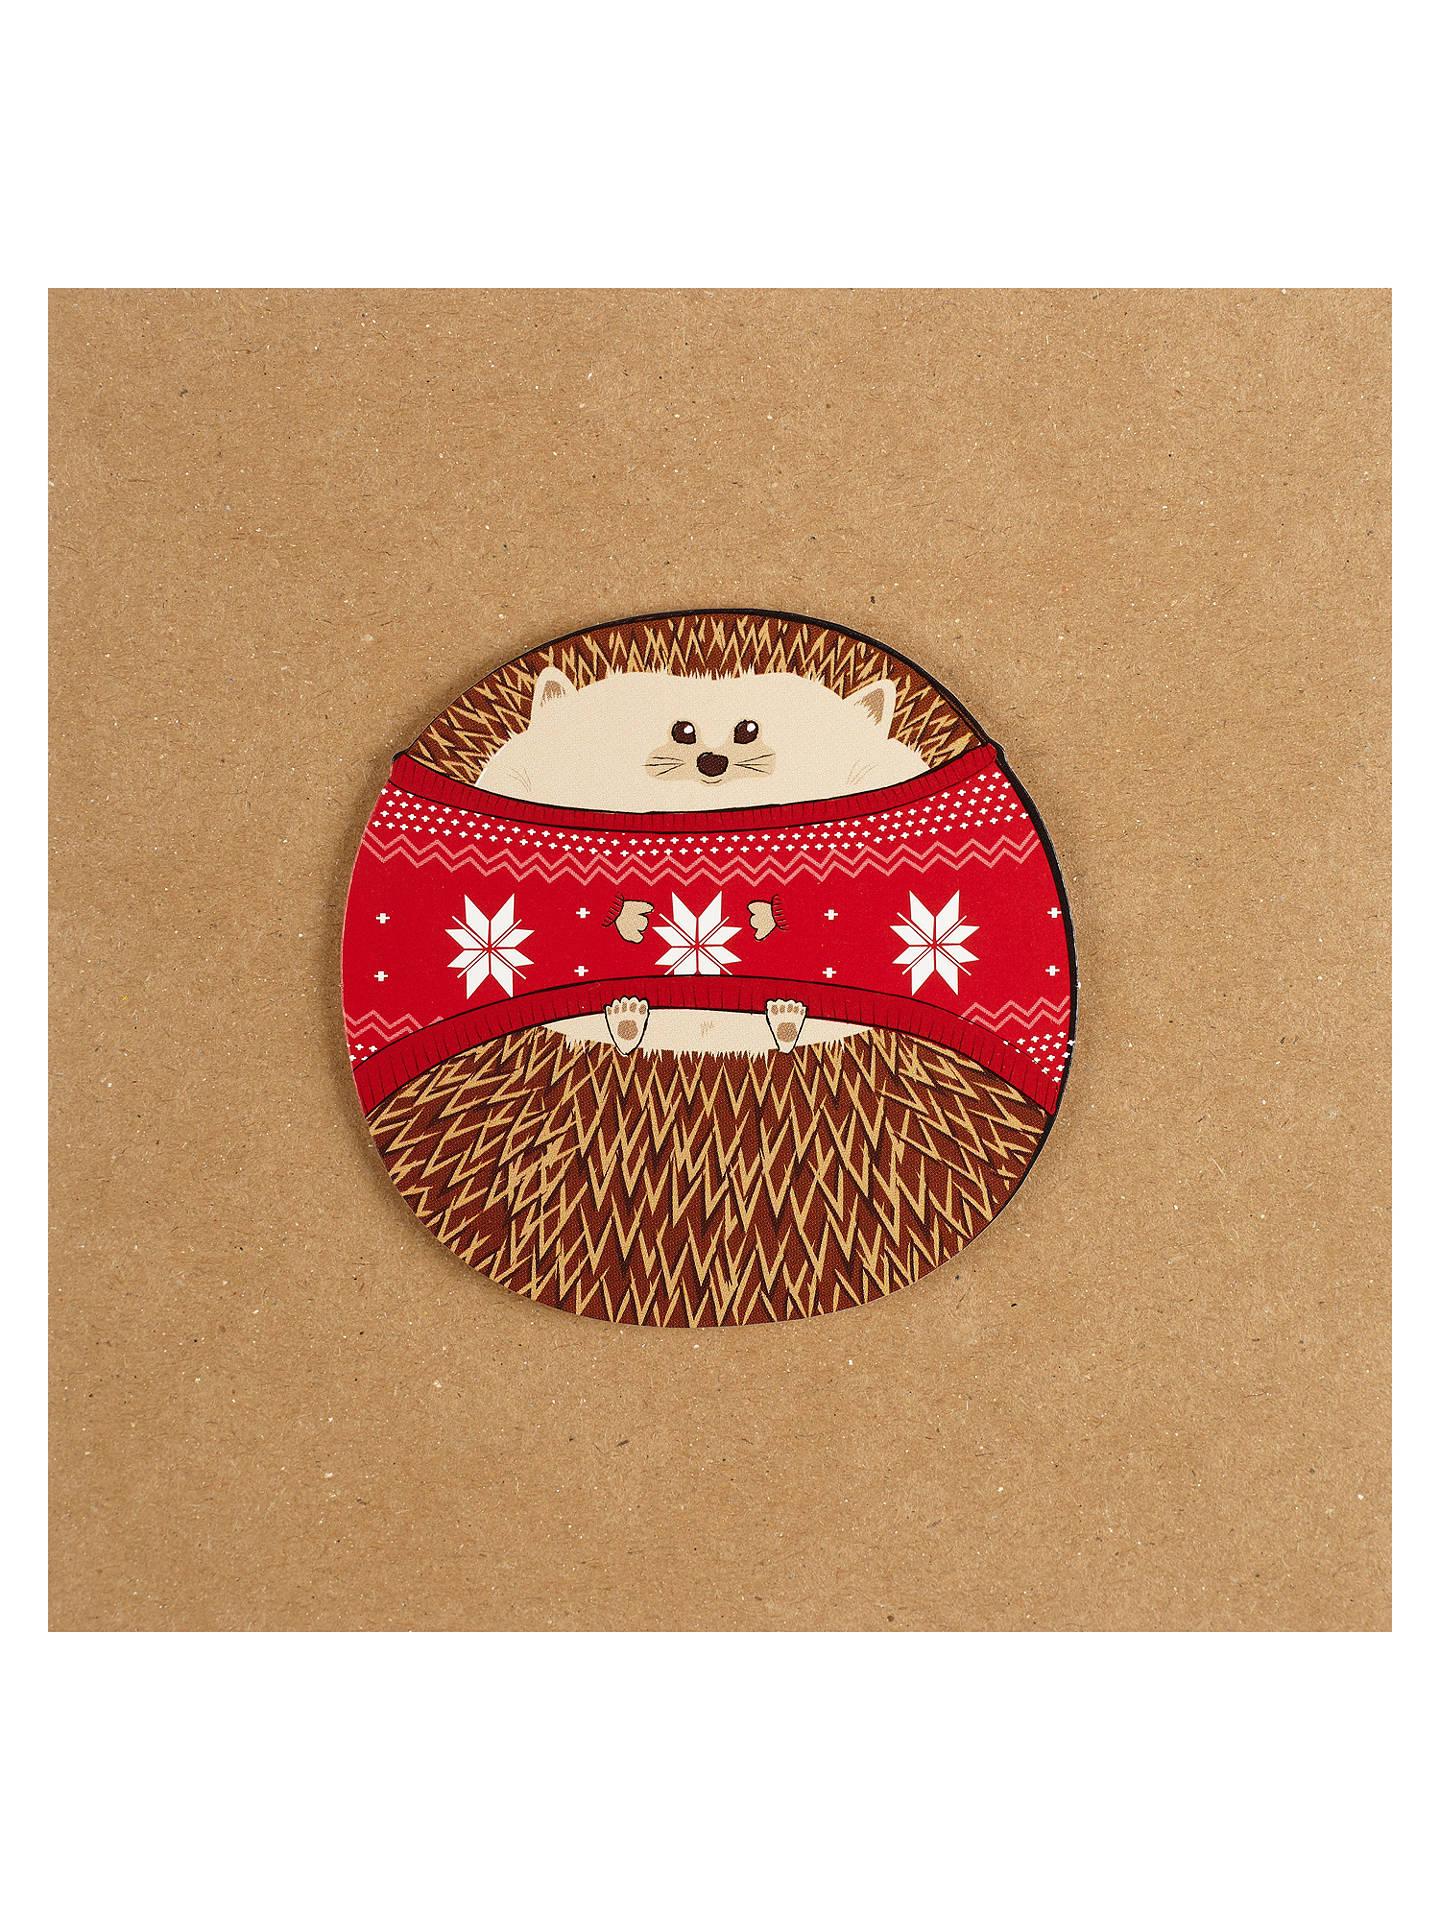 Hedgehog Christmas Jumper.Tache Crafts Hedgehog In Jumper Christmas Card At John Lewis